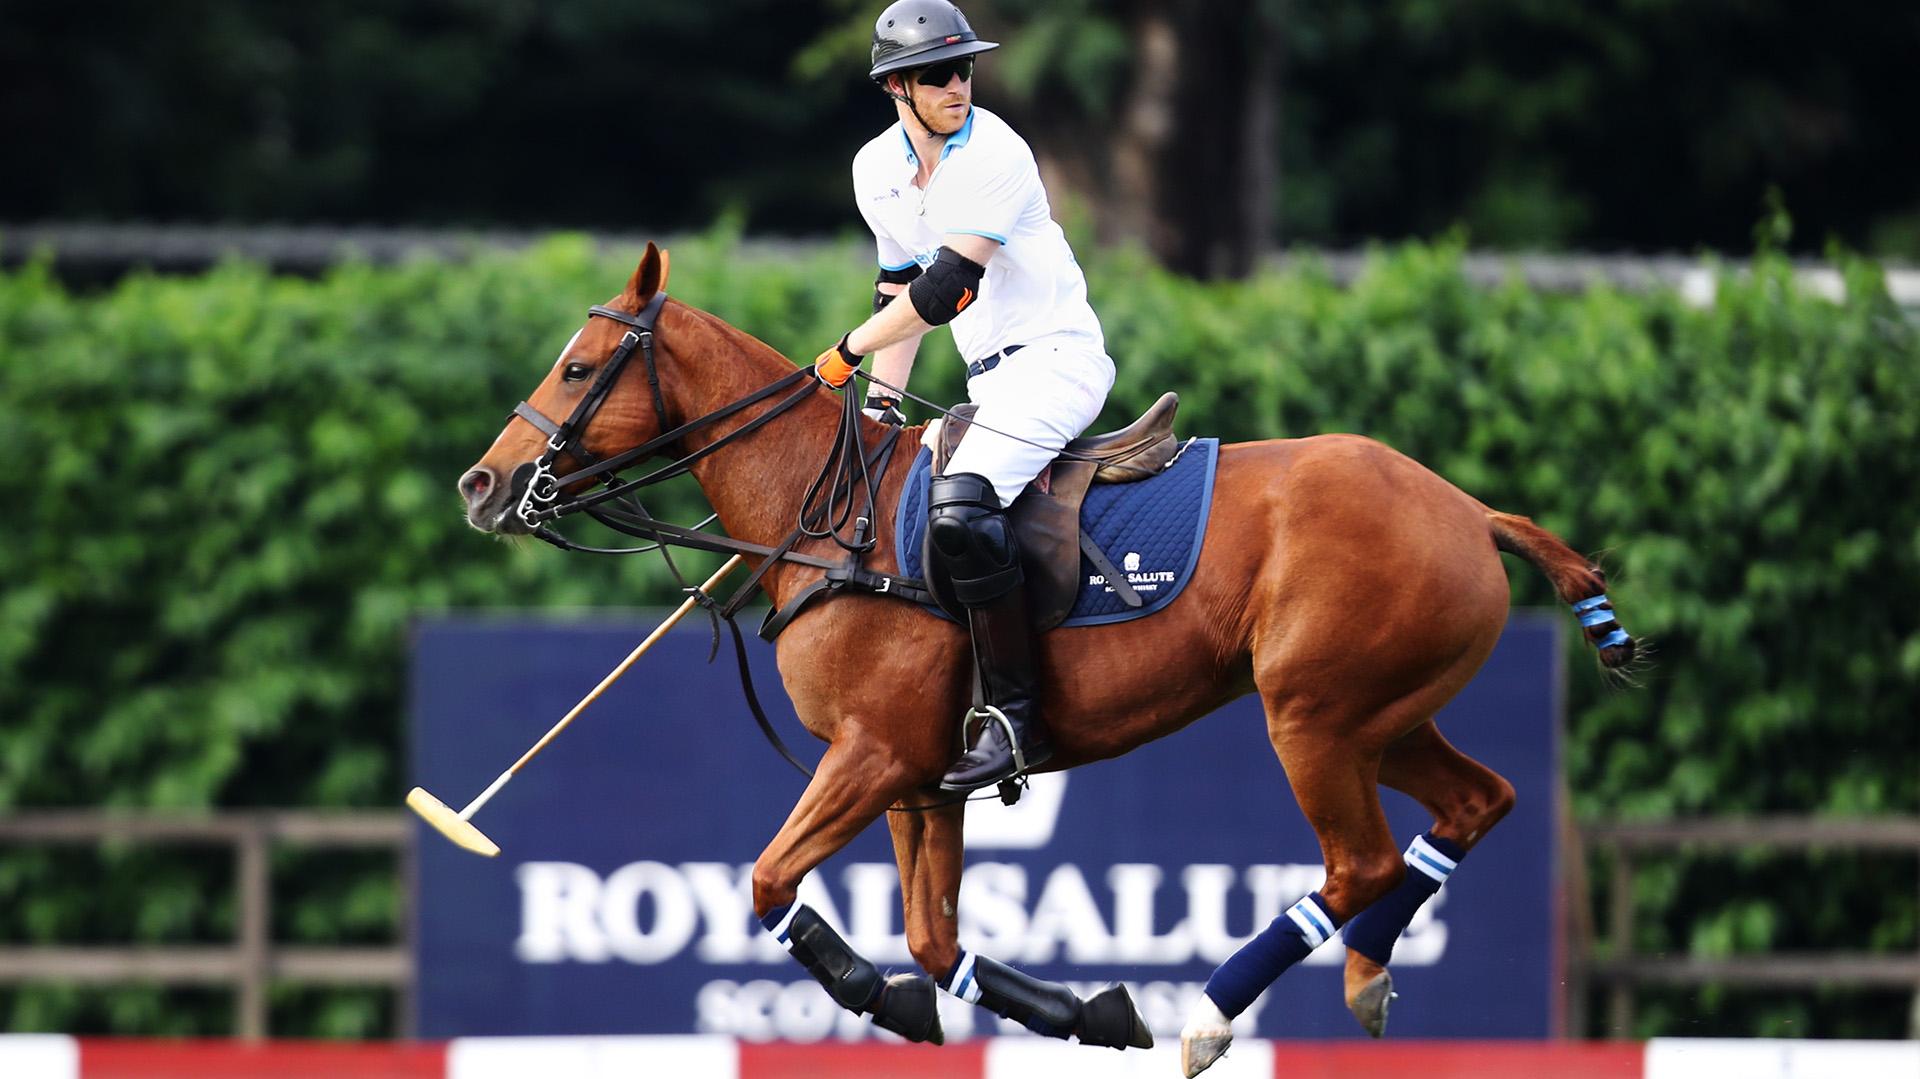 Harry es un gran deportista y, en esta oportunidad, reafirmó que también es un eximio polista